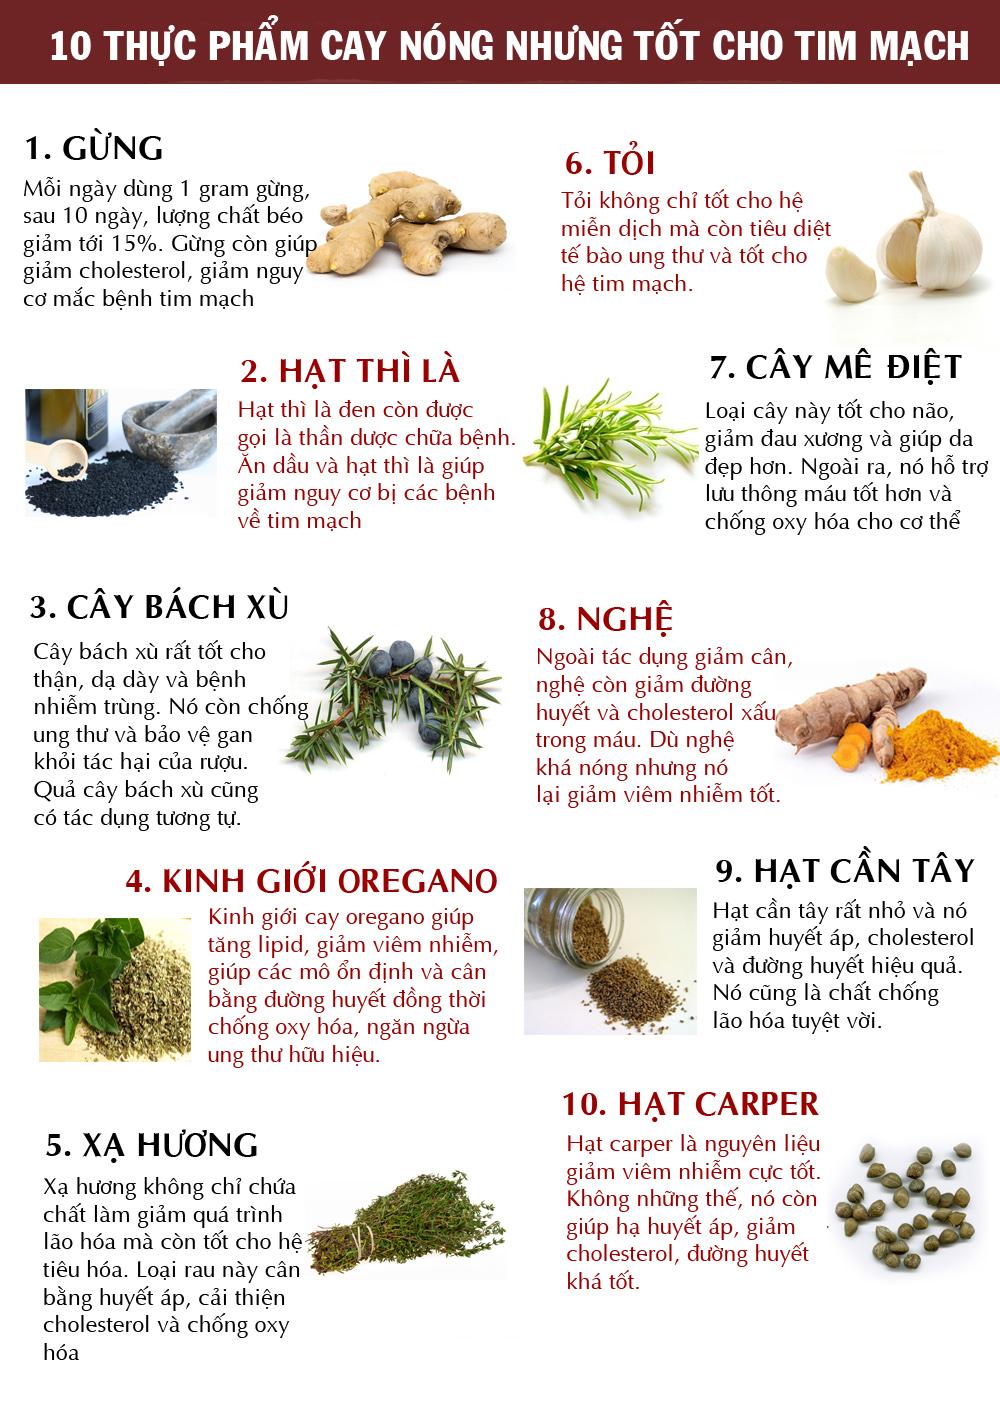 10 siêu thực phẩm cho sức khỏe tim mạch - 1